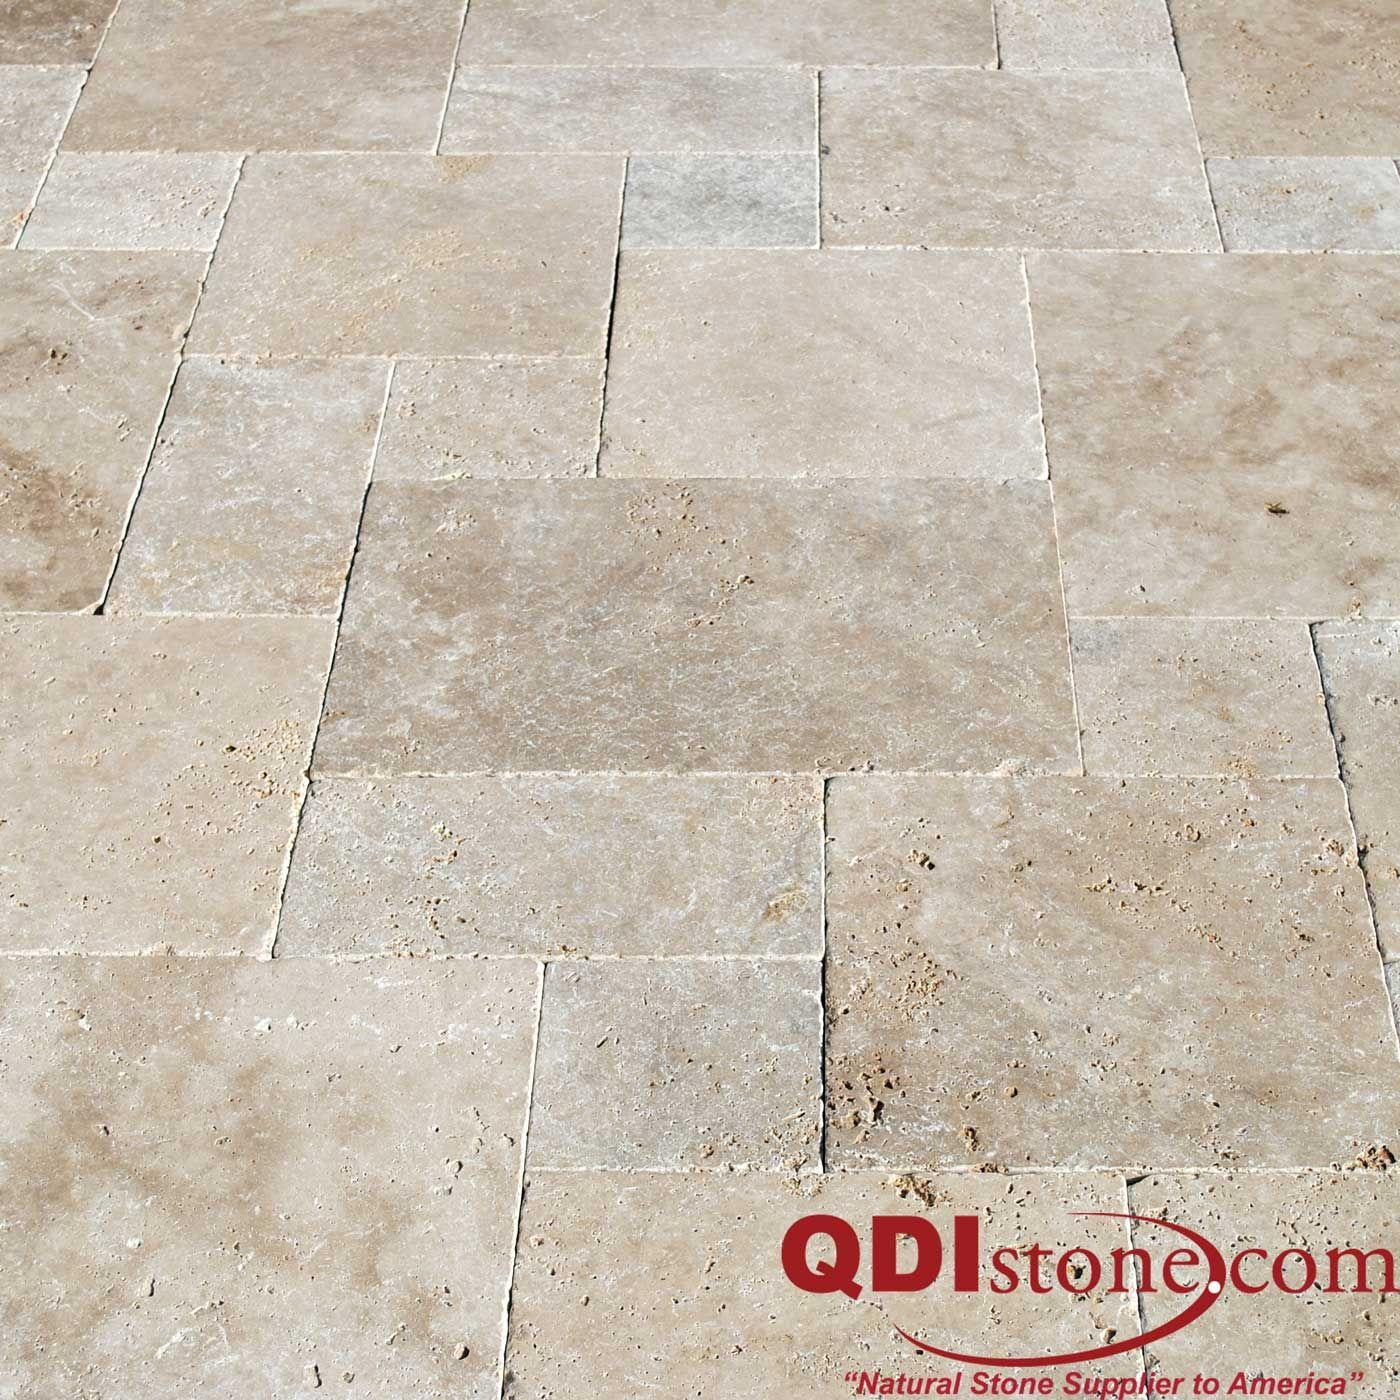 QDI Stone - Aski Calhe Travertine Tumbled Pavers Versailles Pattern ...